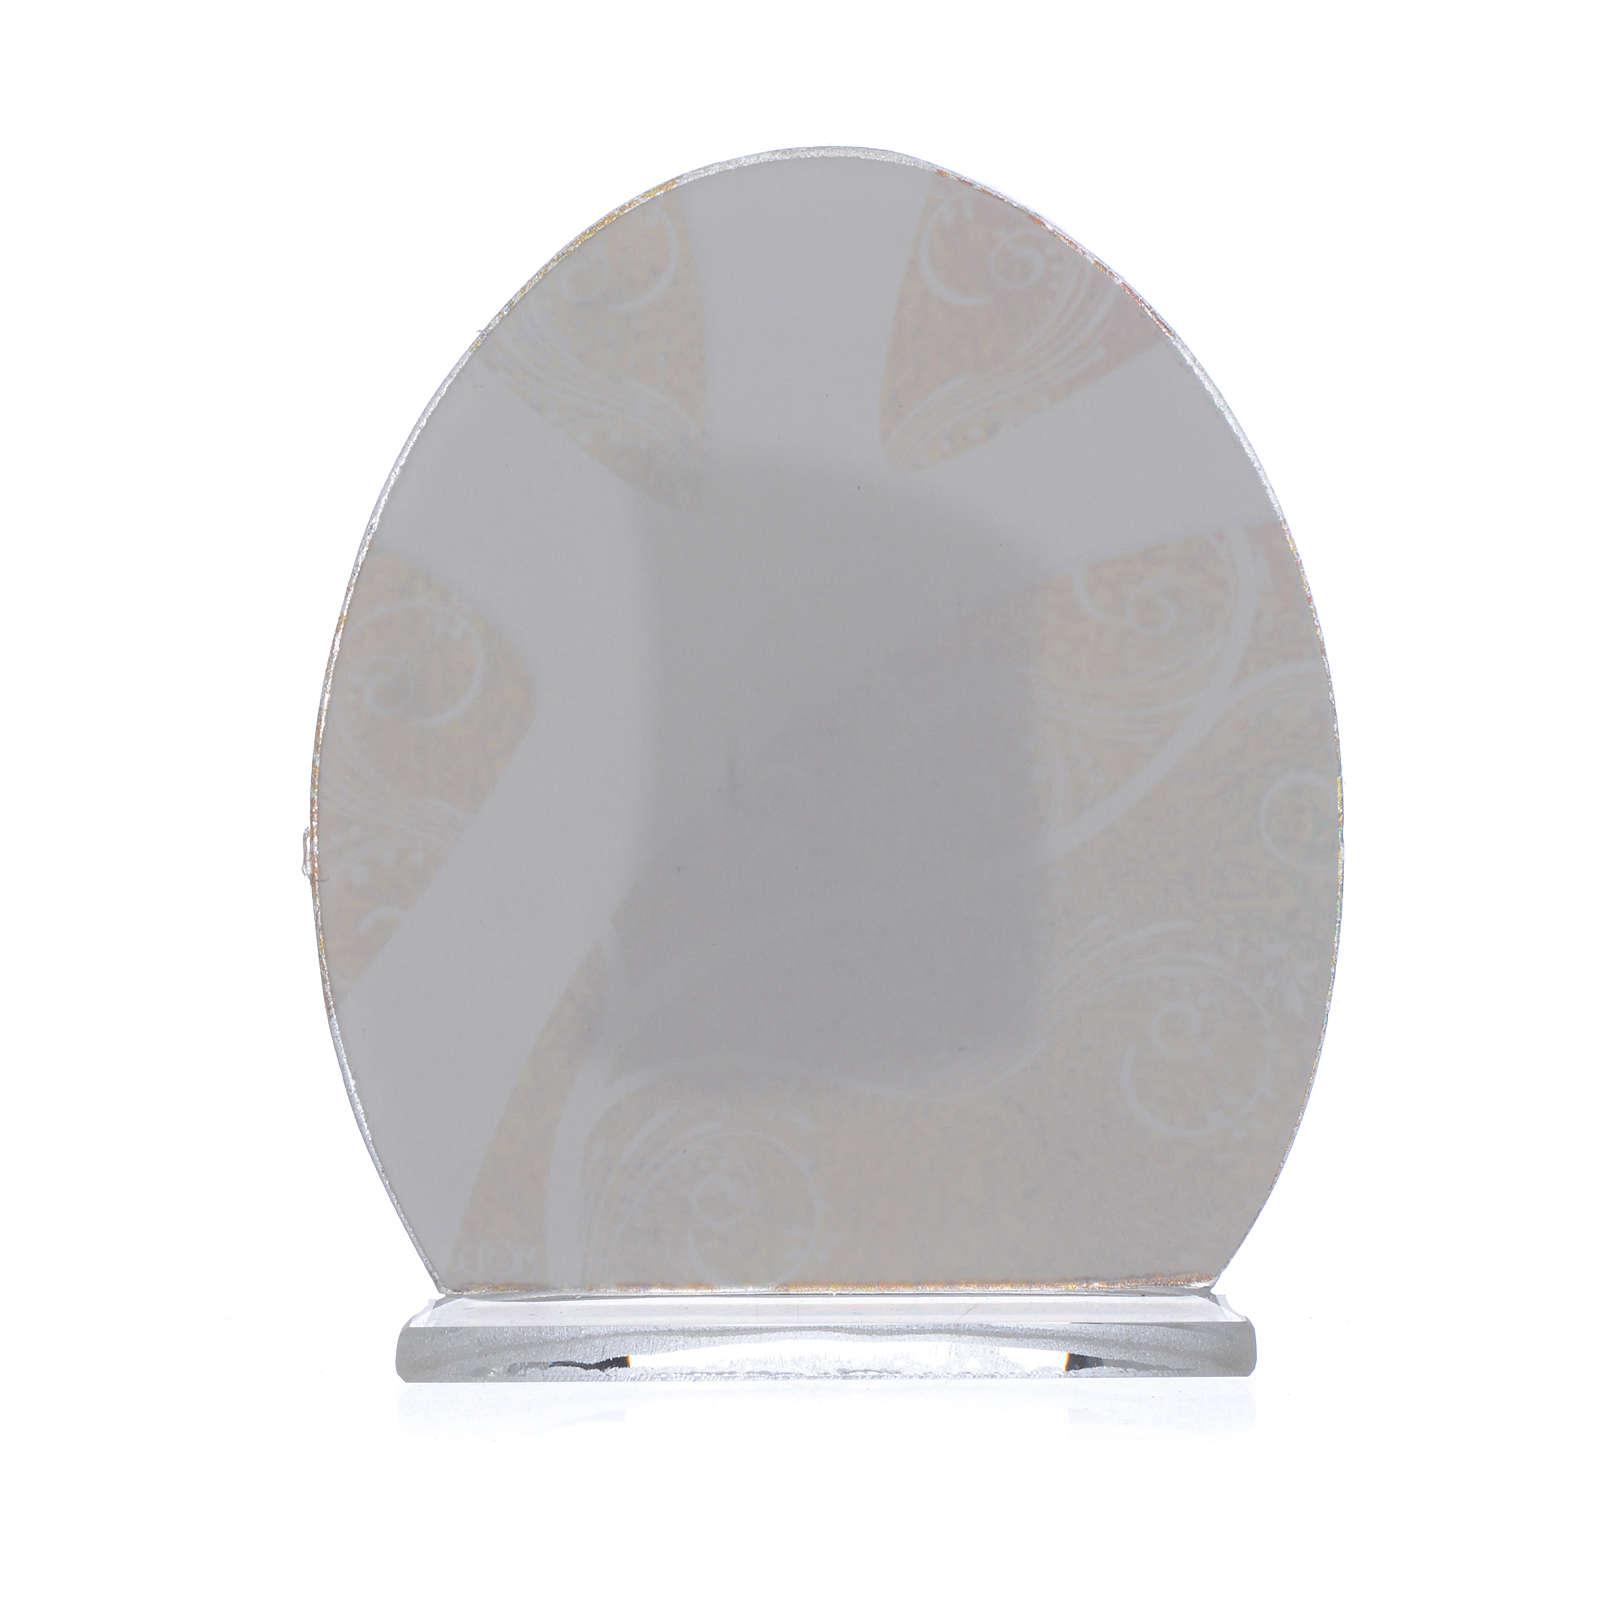 Bonbonnière Confirmation argent 8,5 cm 3